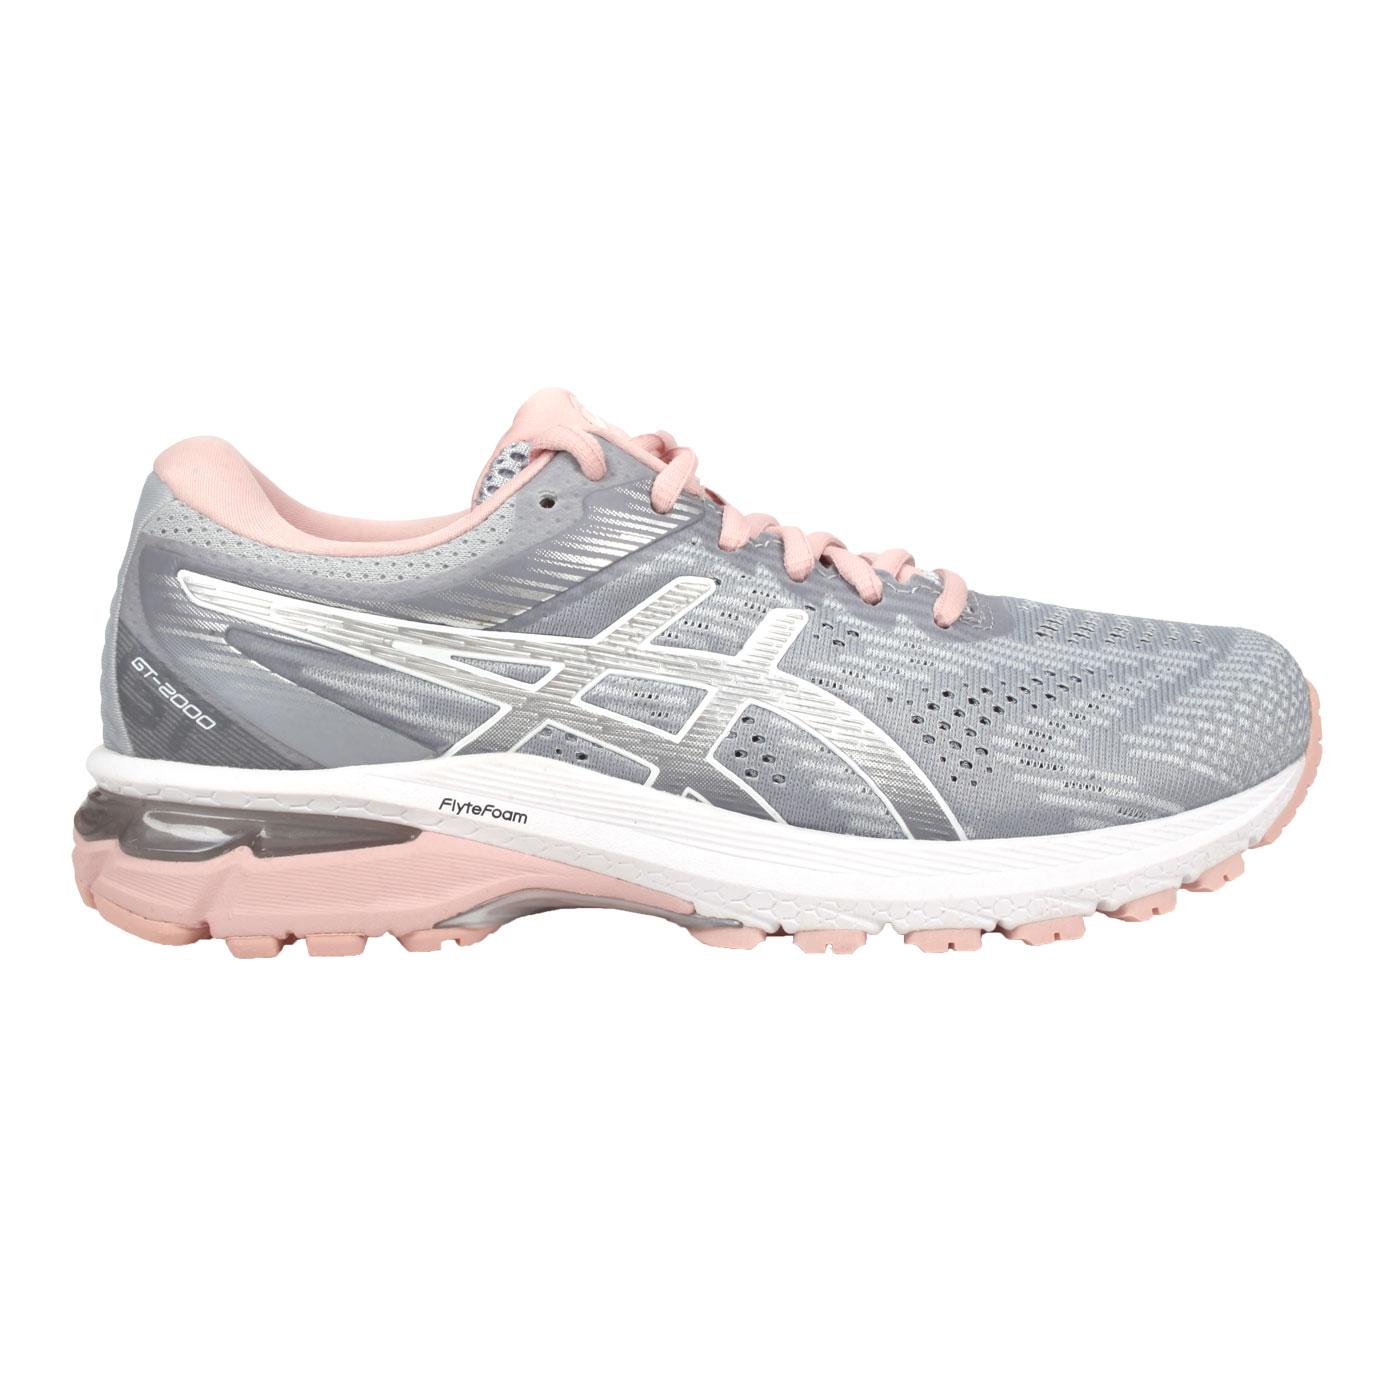 ASICS 女款慢跑鞋  @GT-2000 8@1012A591-023 - 銀灰淺粉紅